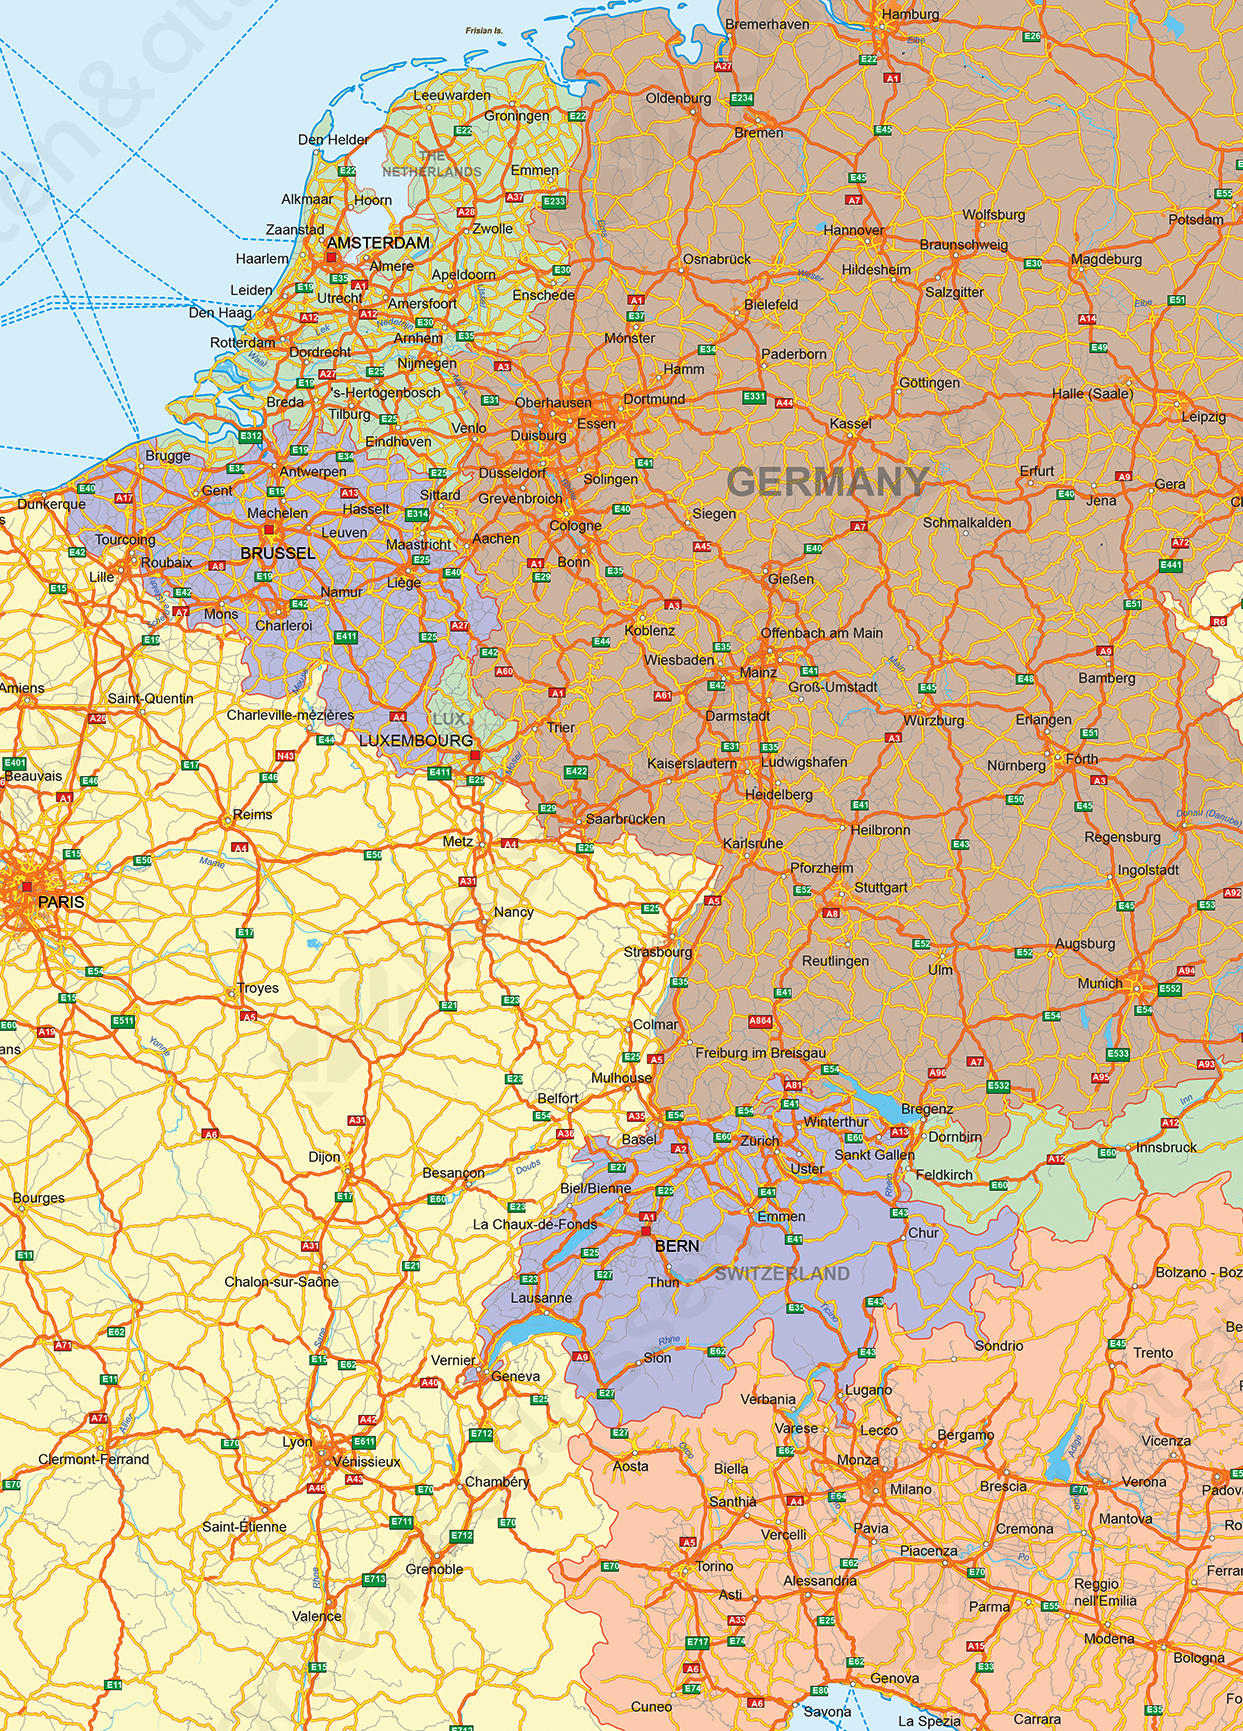 Wegenkaart van Europa